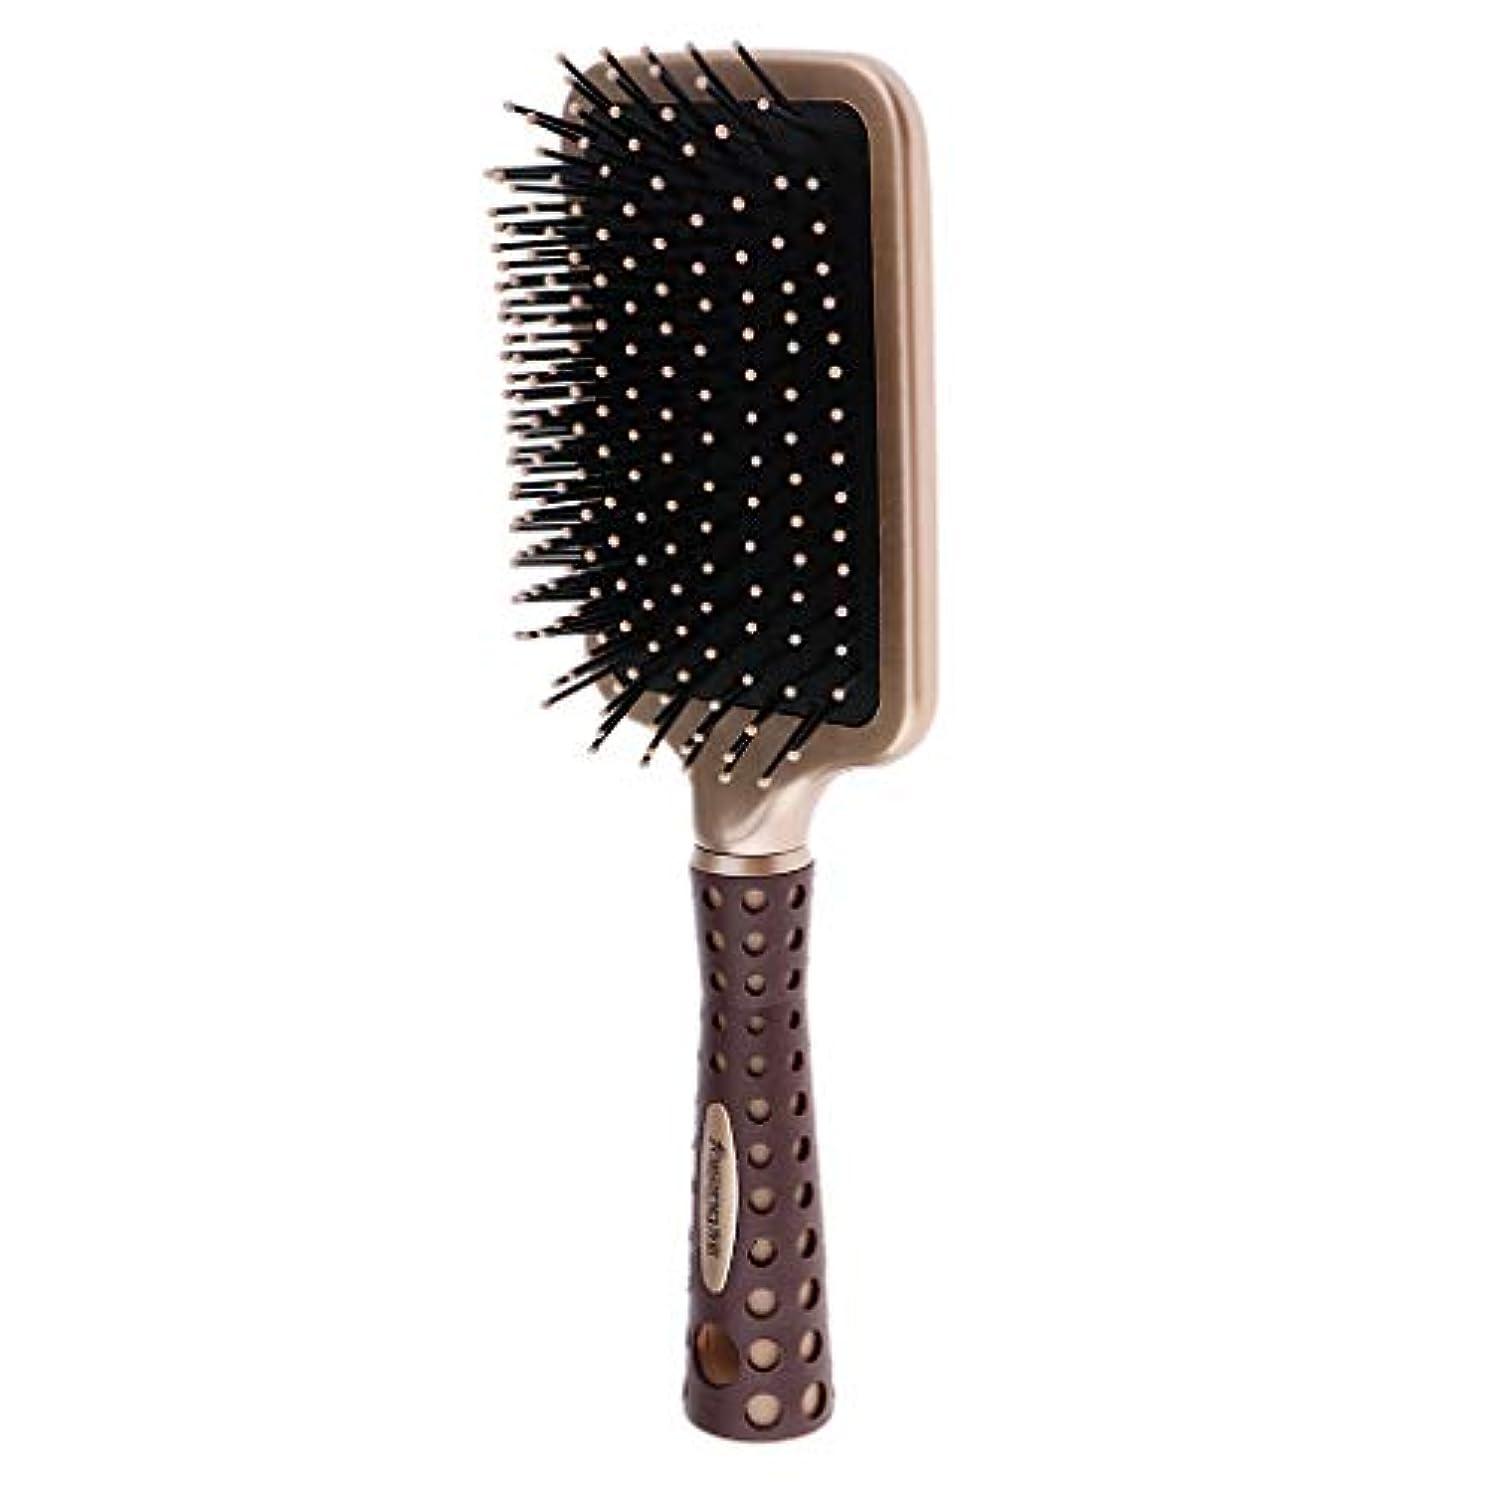 規範後者レビュアー静電防止櫛 クッションヘアブラシ 頭皮マッサージ コーム 2サイズ選べ - L